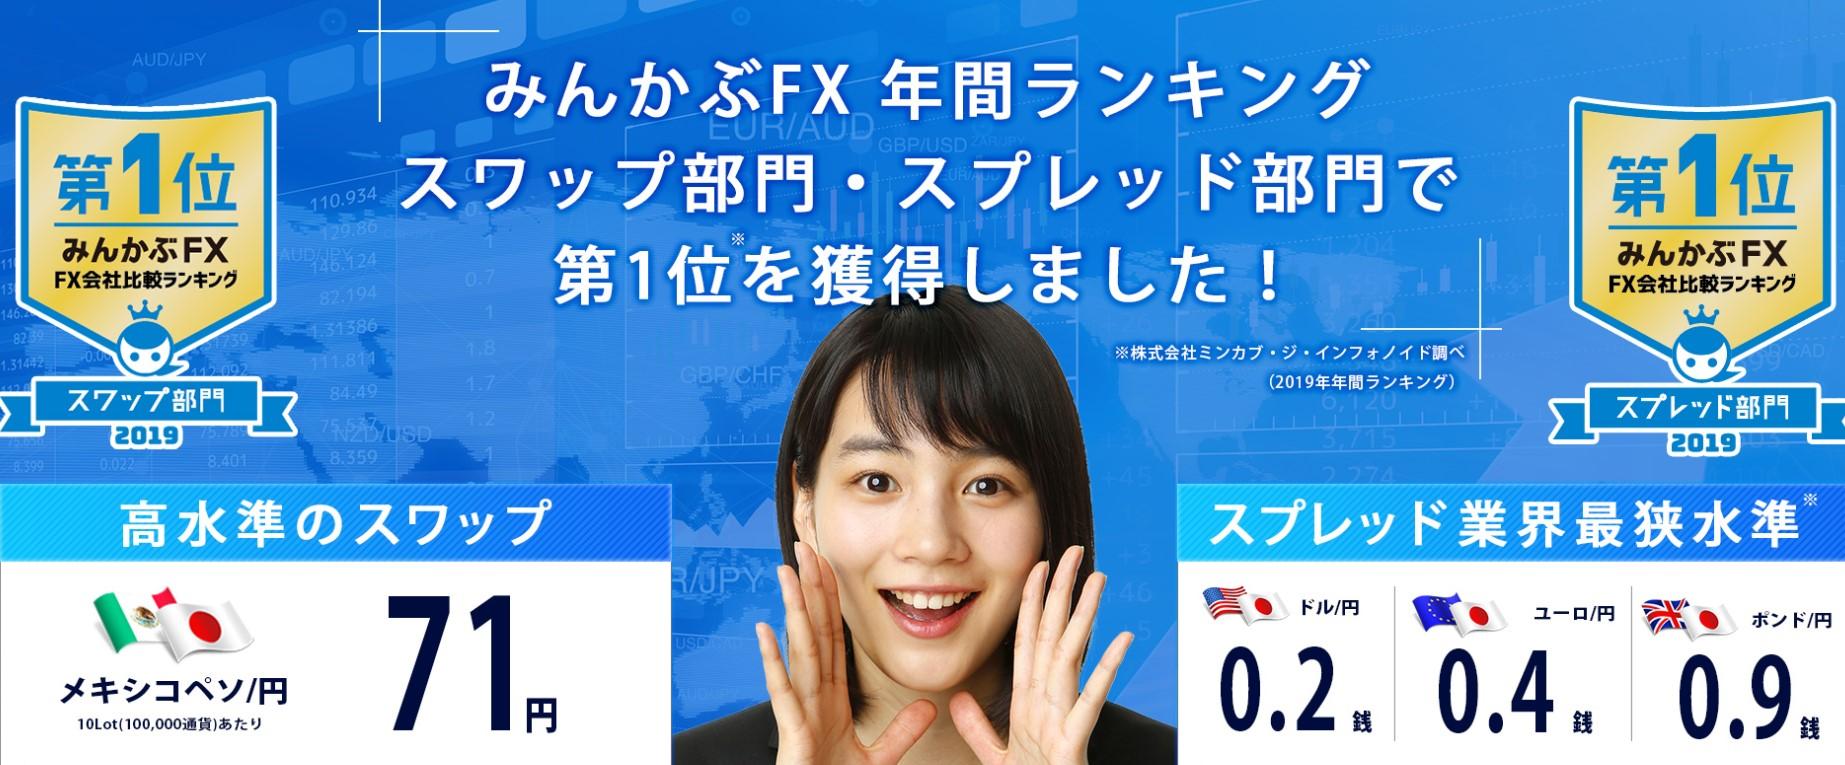 FX_おすすめ_LIGHTFX